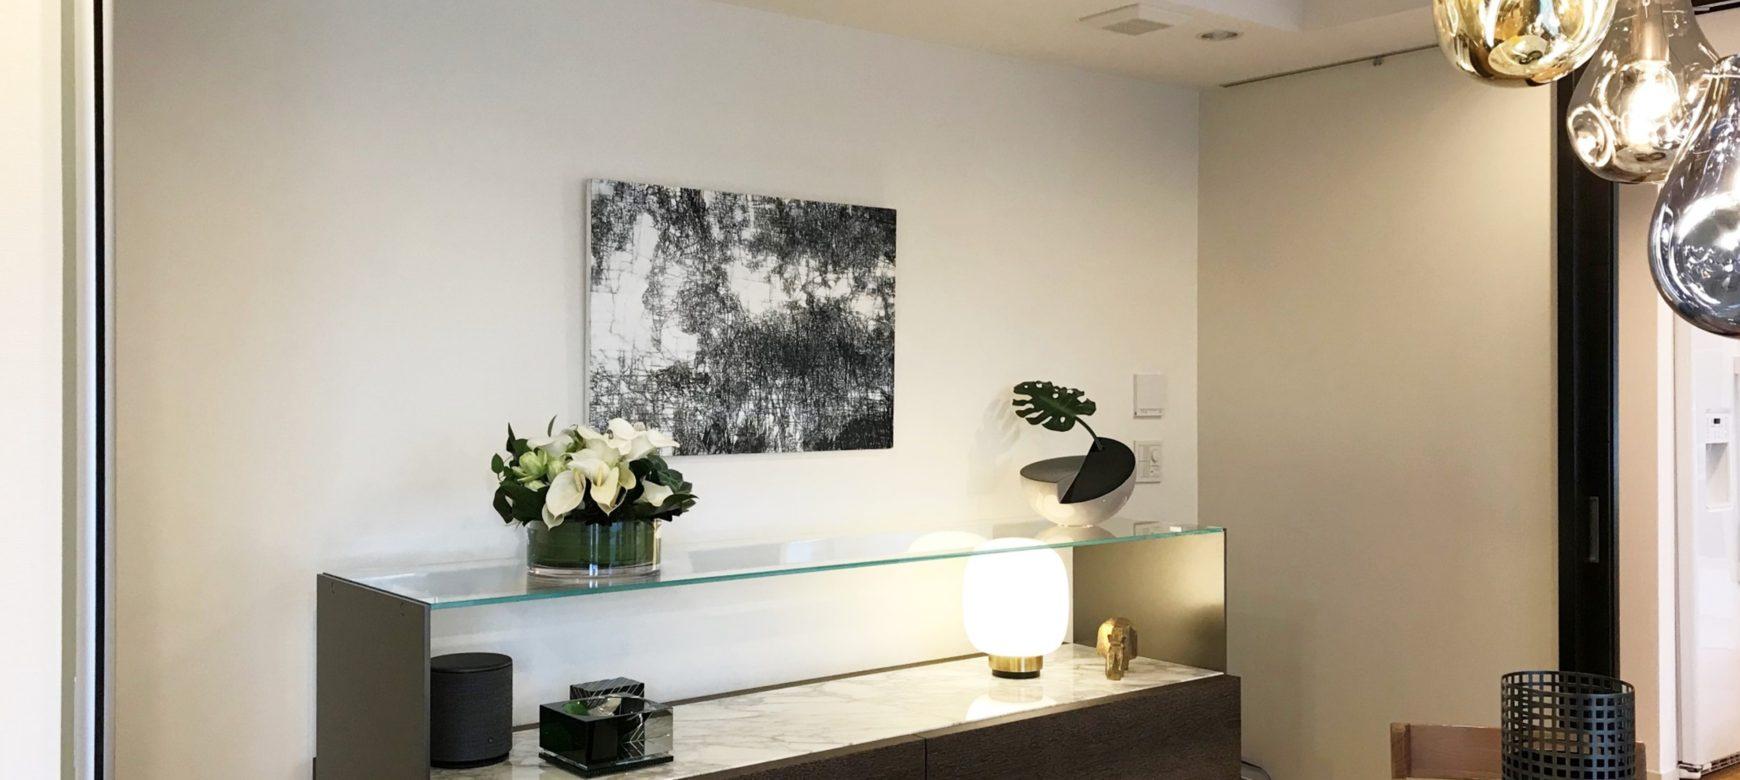 ガラスの棚の上に飾った池田恭子のインテリアアートパネル